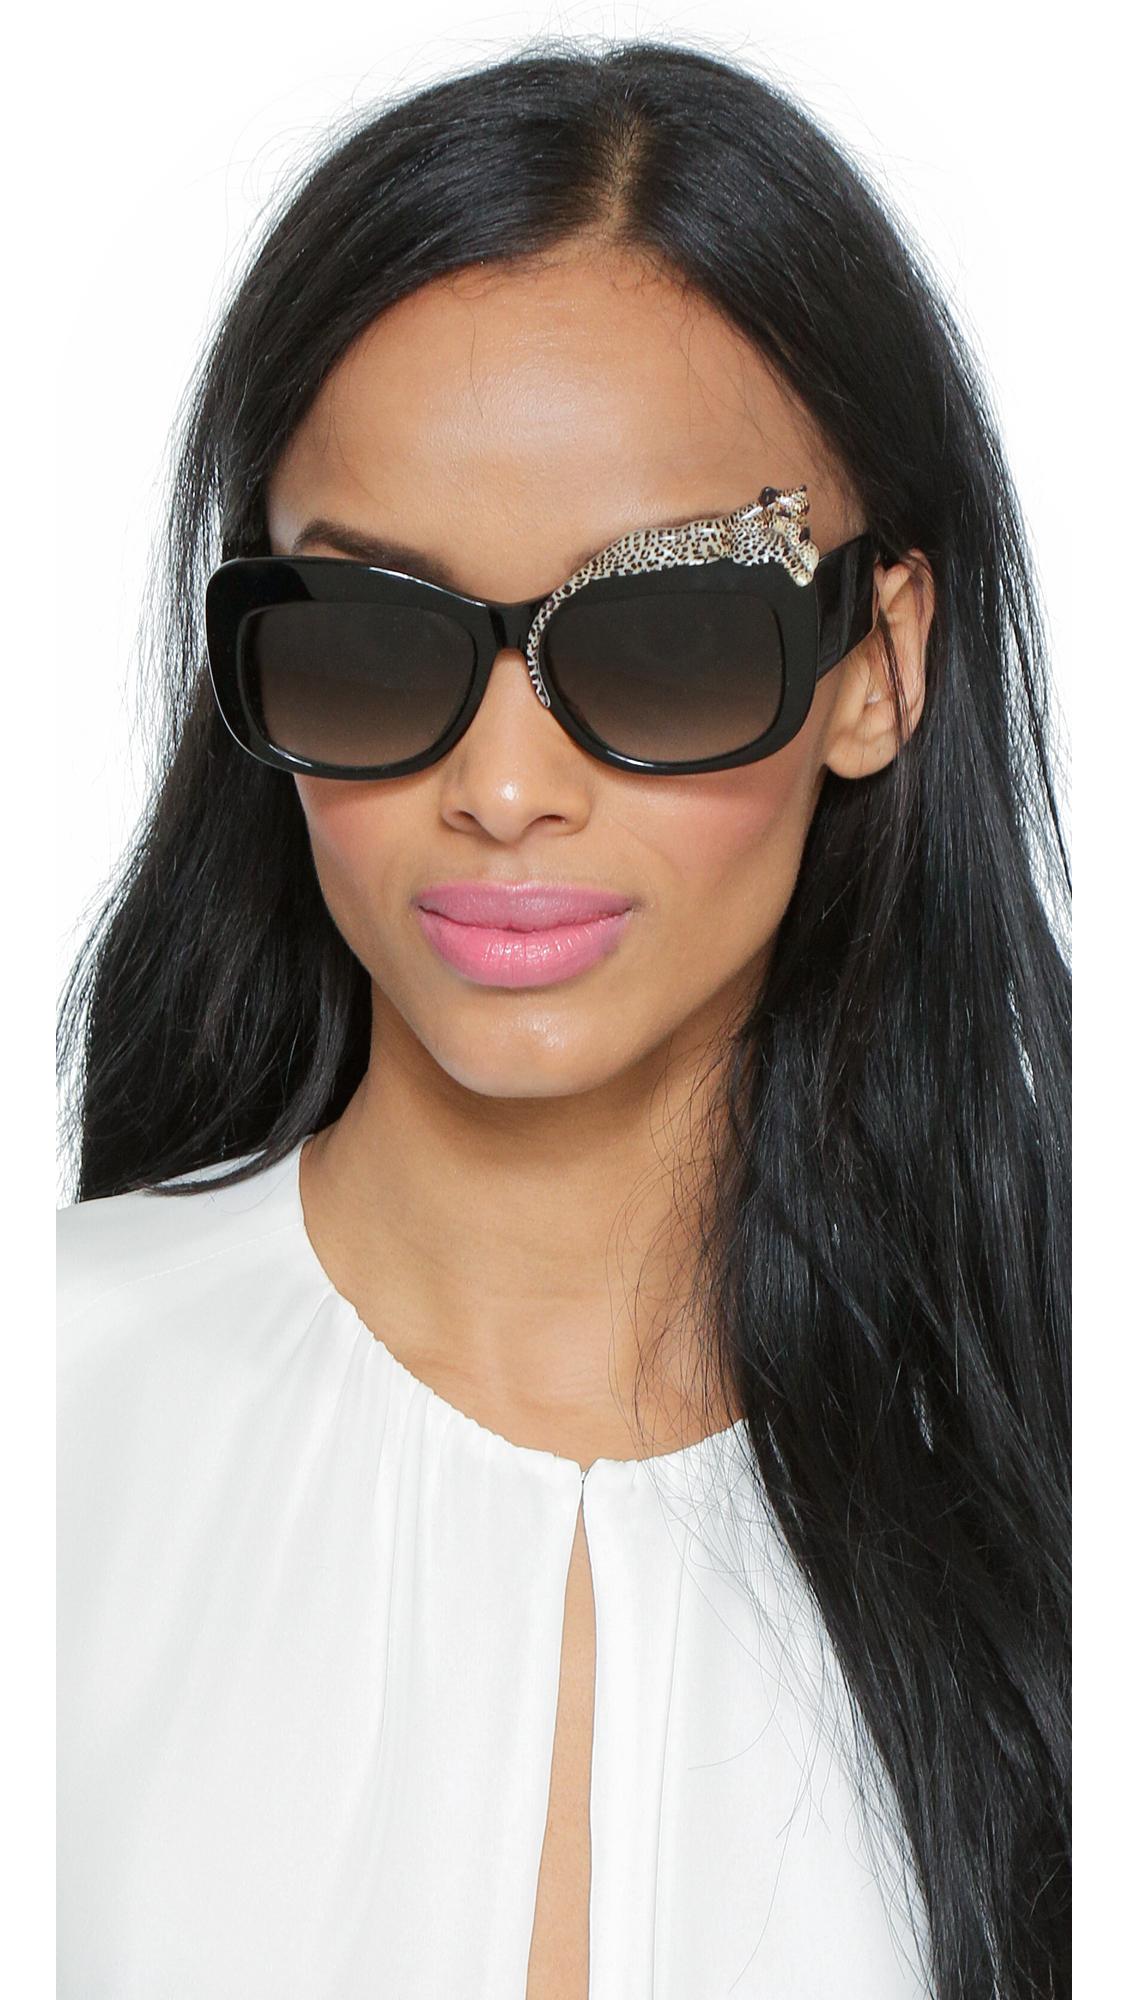 bbf4b4e39b1 Anna Karin Karlsson Rose Et La Mer Sunglasses - Black Rose in Black ...